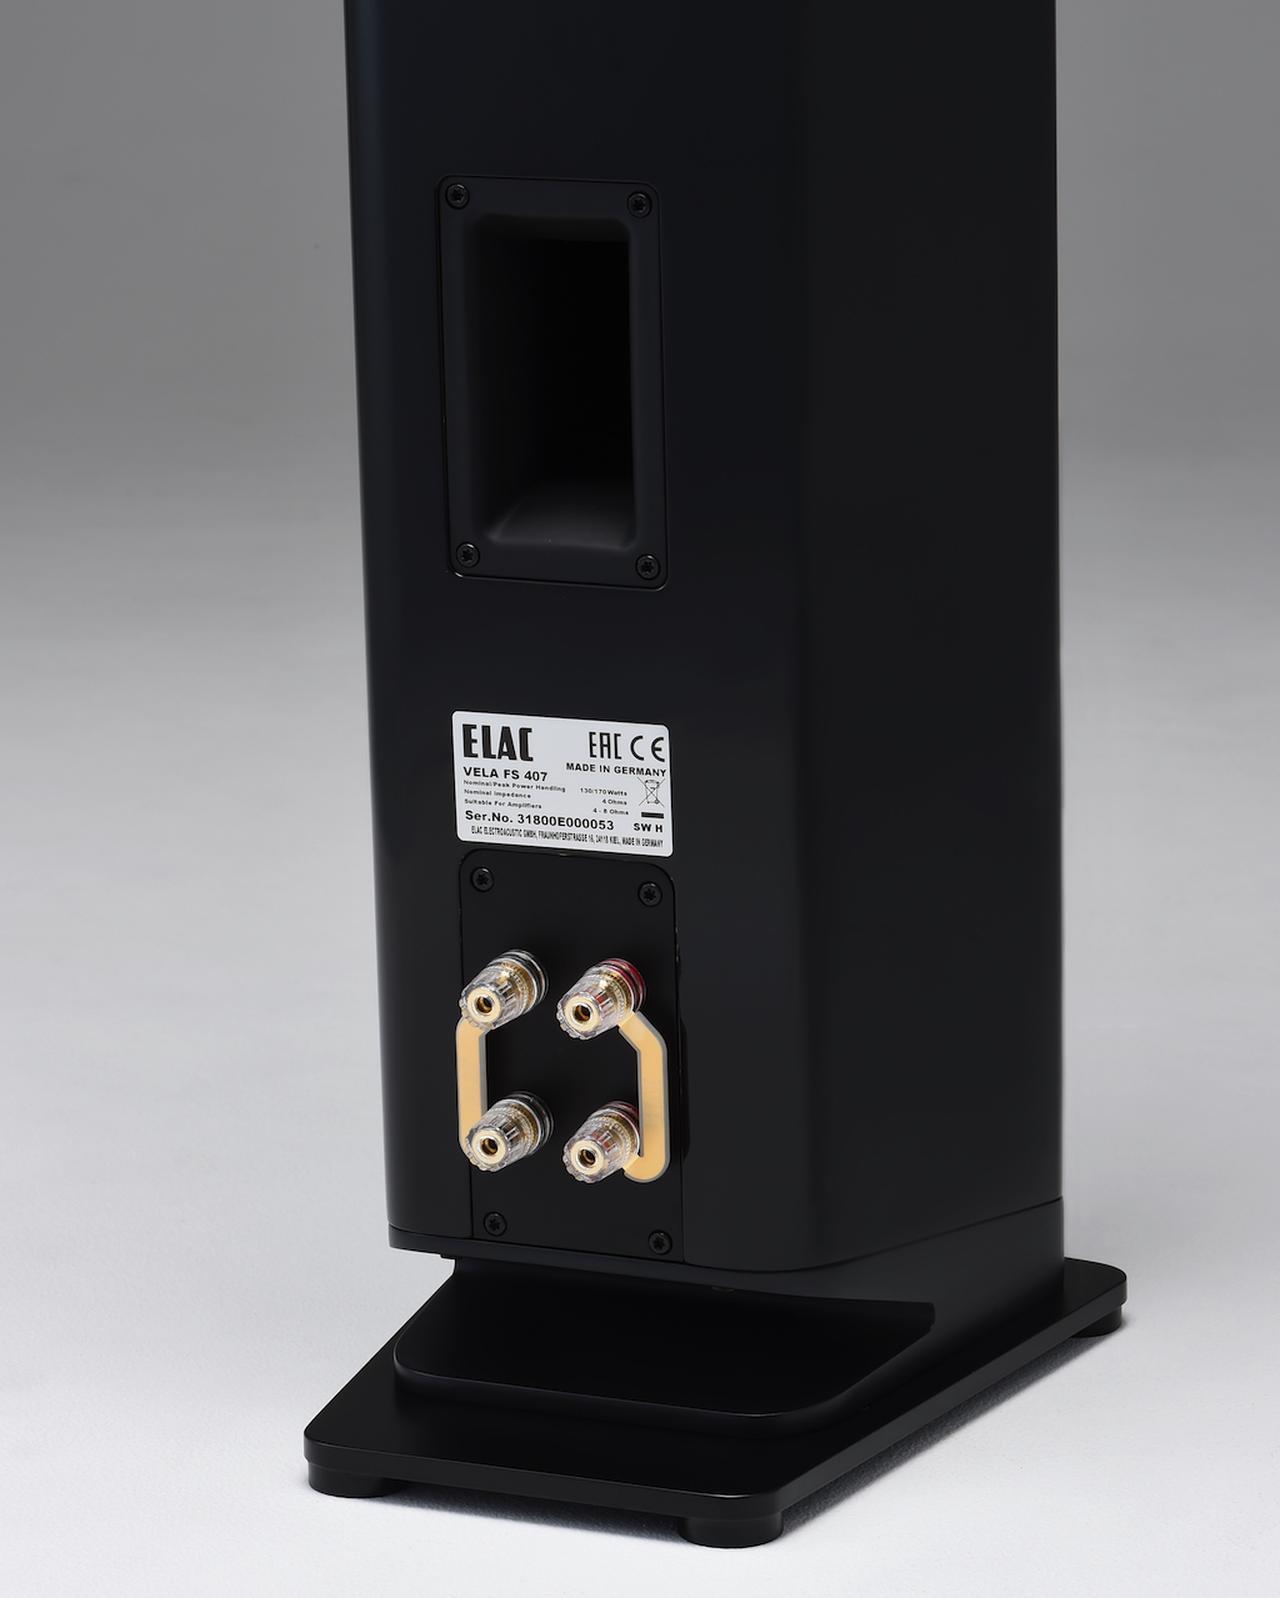 画像: スピーカー端子は両機ともにバイワイヤリング接続対応。底面に見える「くの字」型の部分は下向き(ダウンファイアー方式)に設置されたバスレフポートの空気流動口になっている